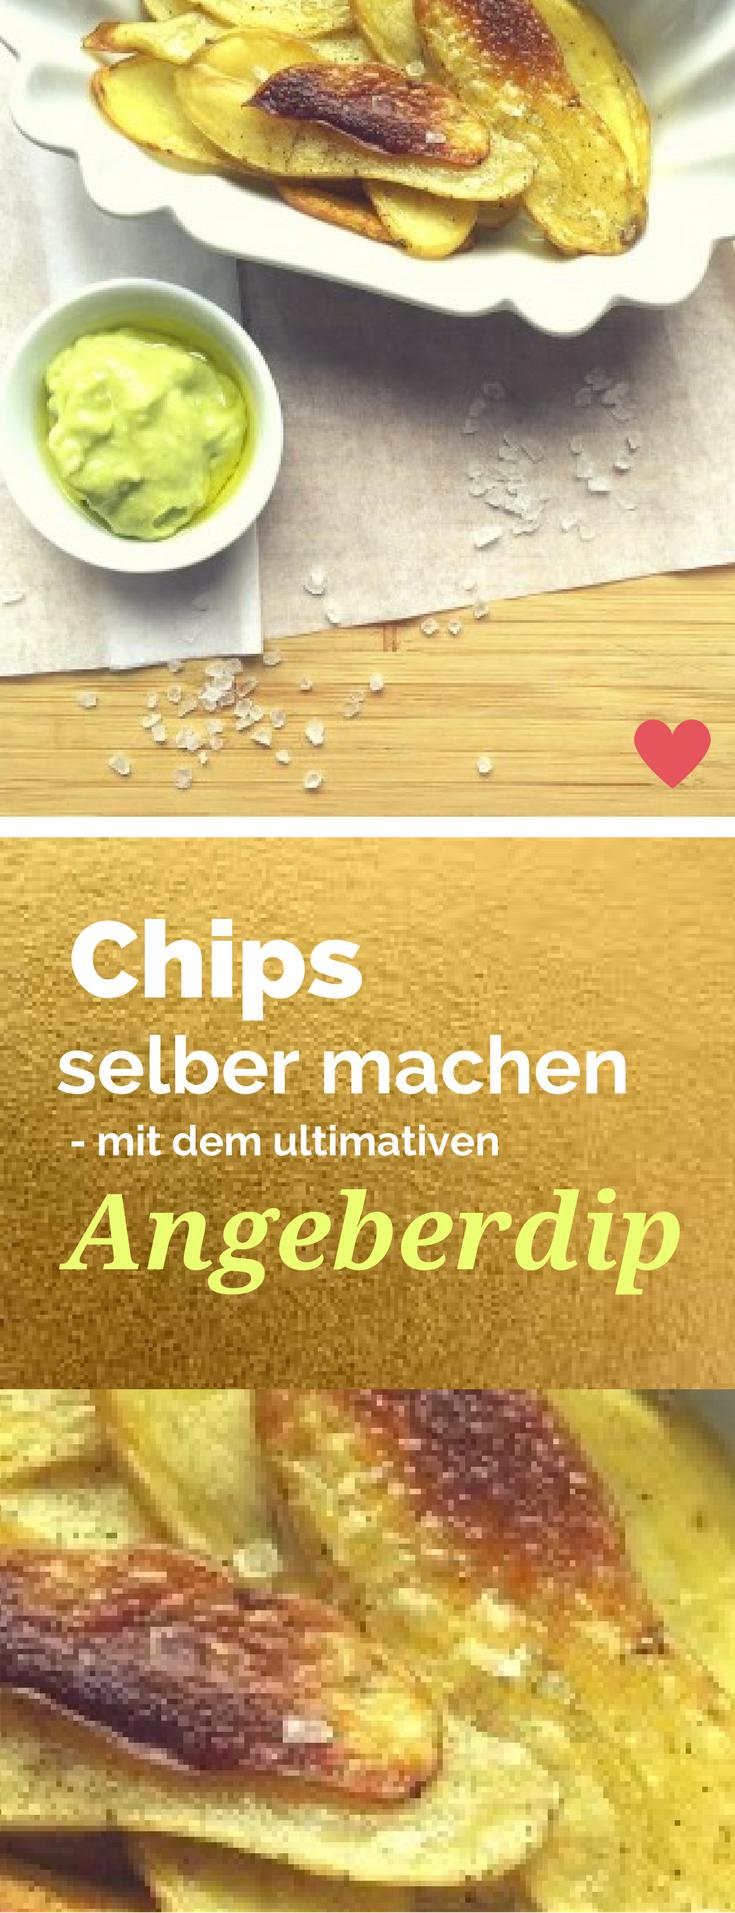 Chips selber machen #pommesselbermachenofen